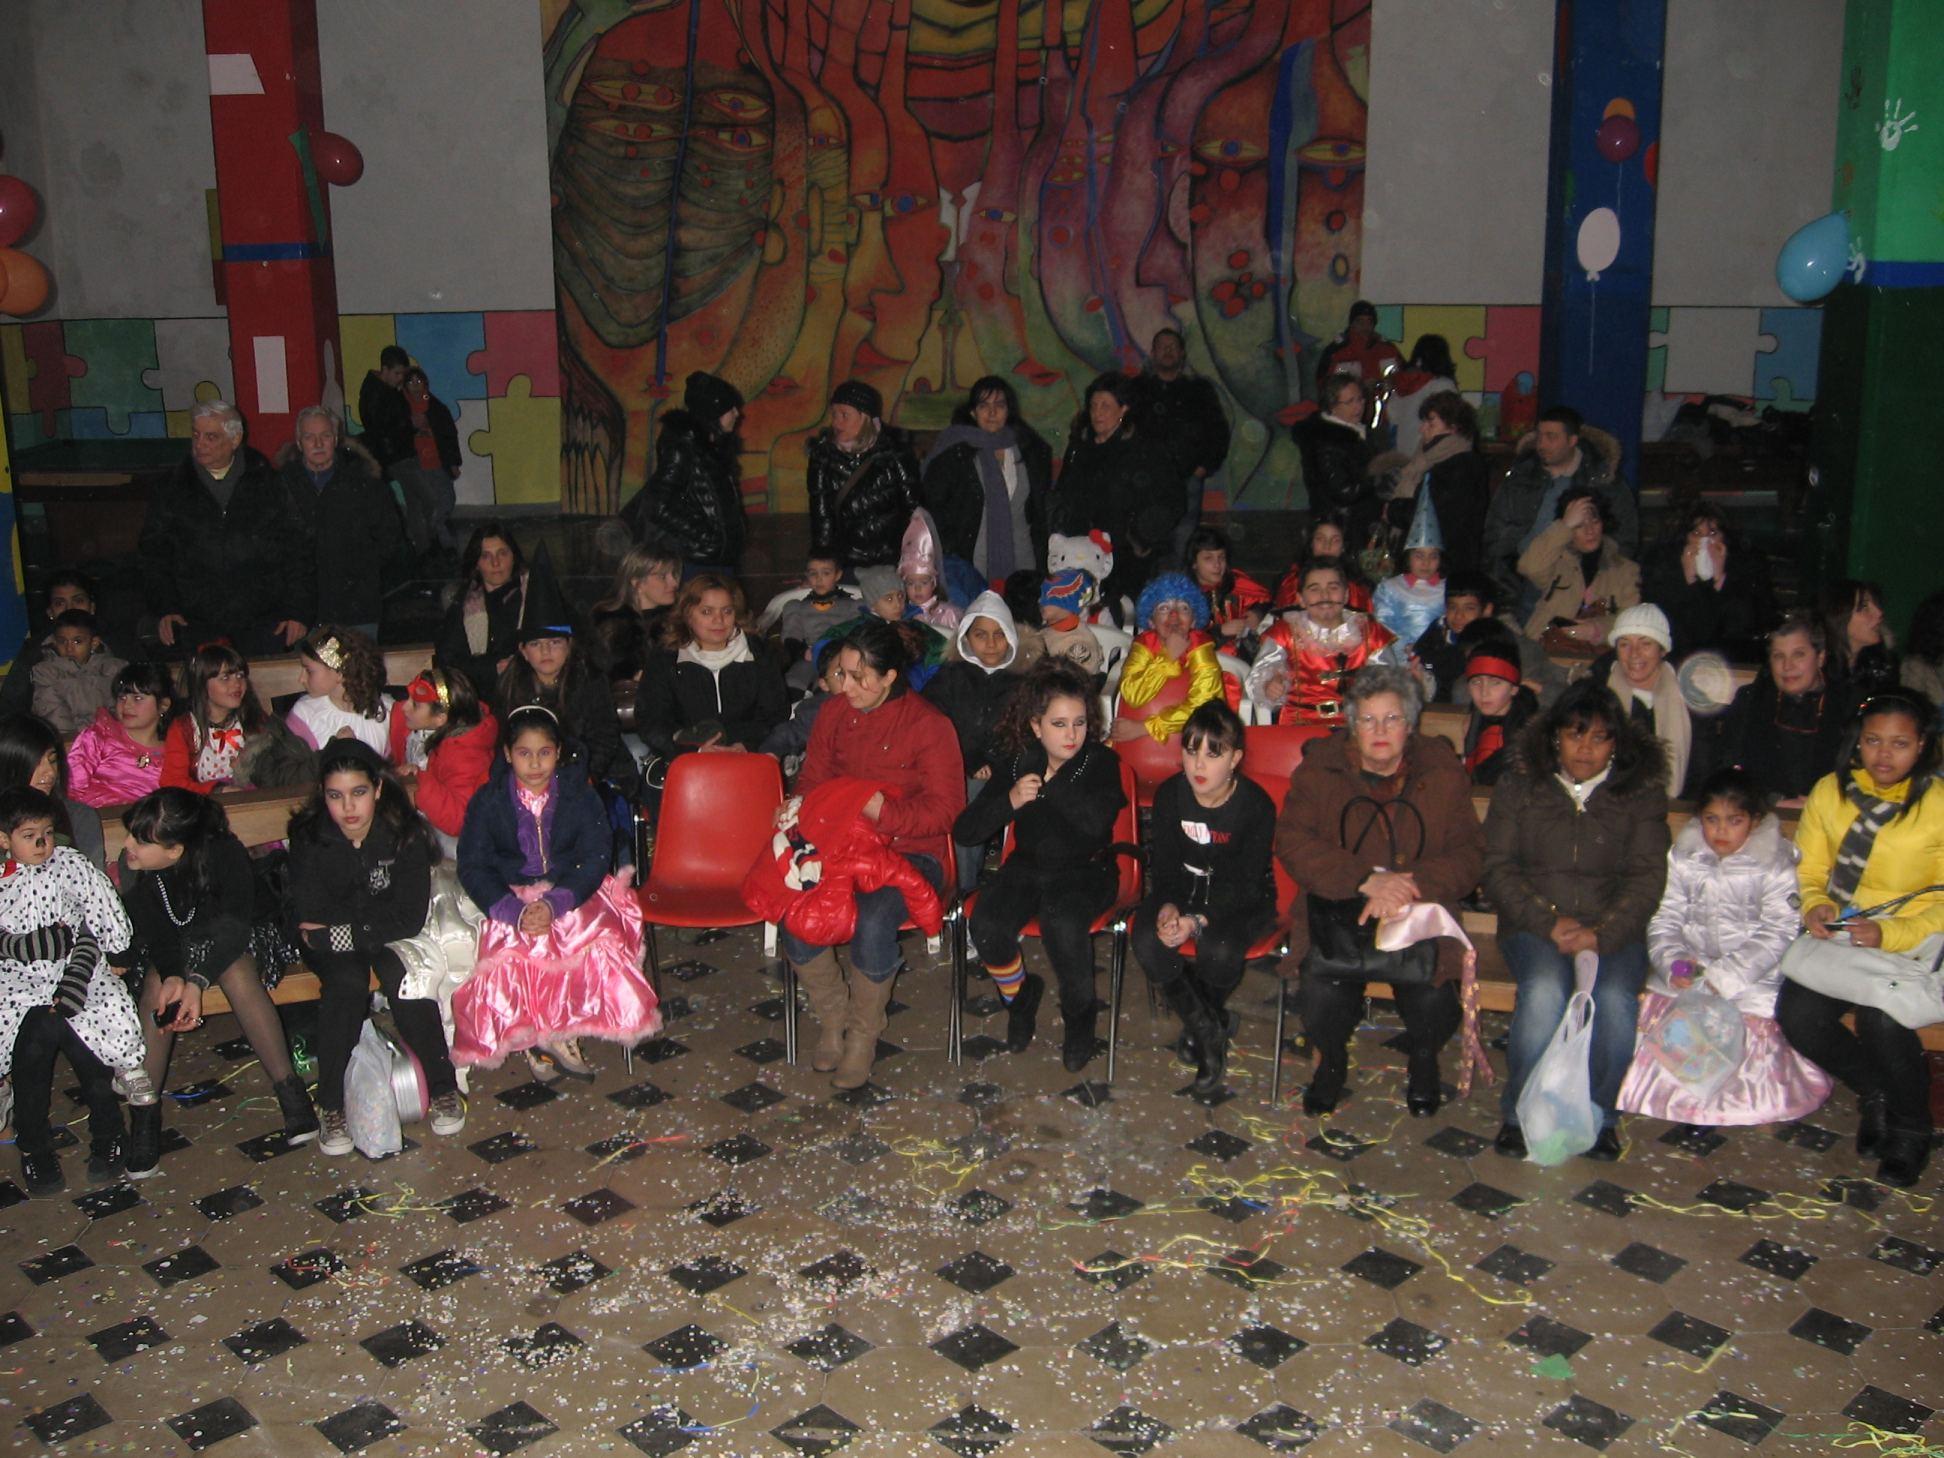 Pentolaccia-2010-02-14--15.38.02